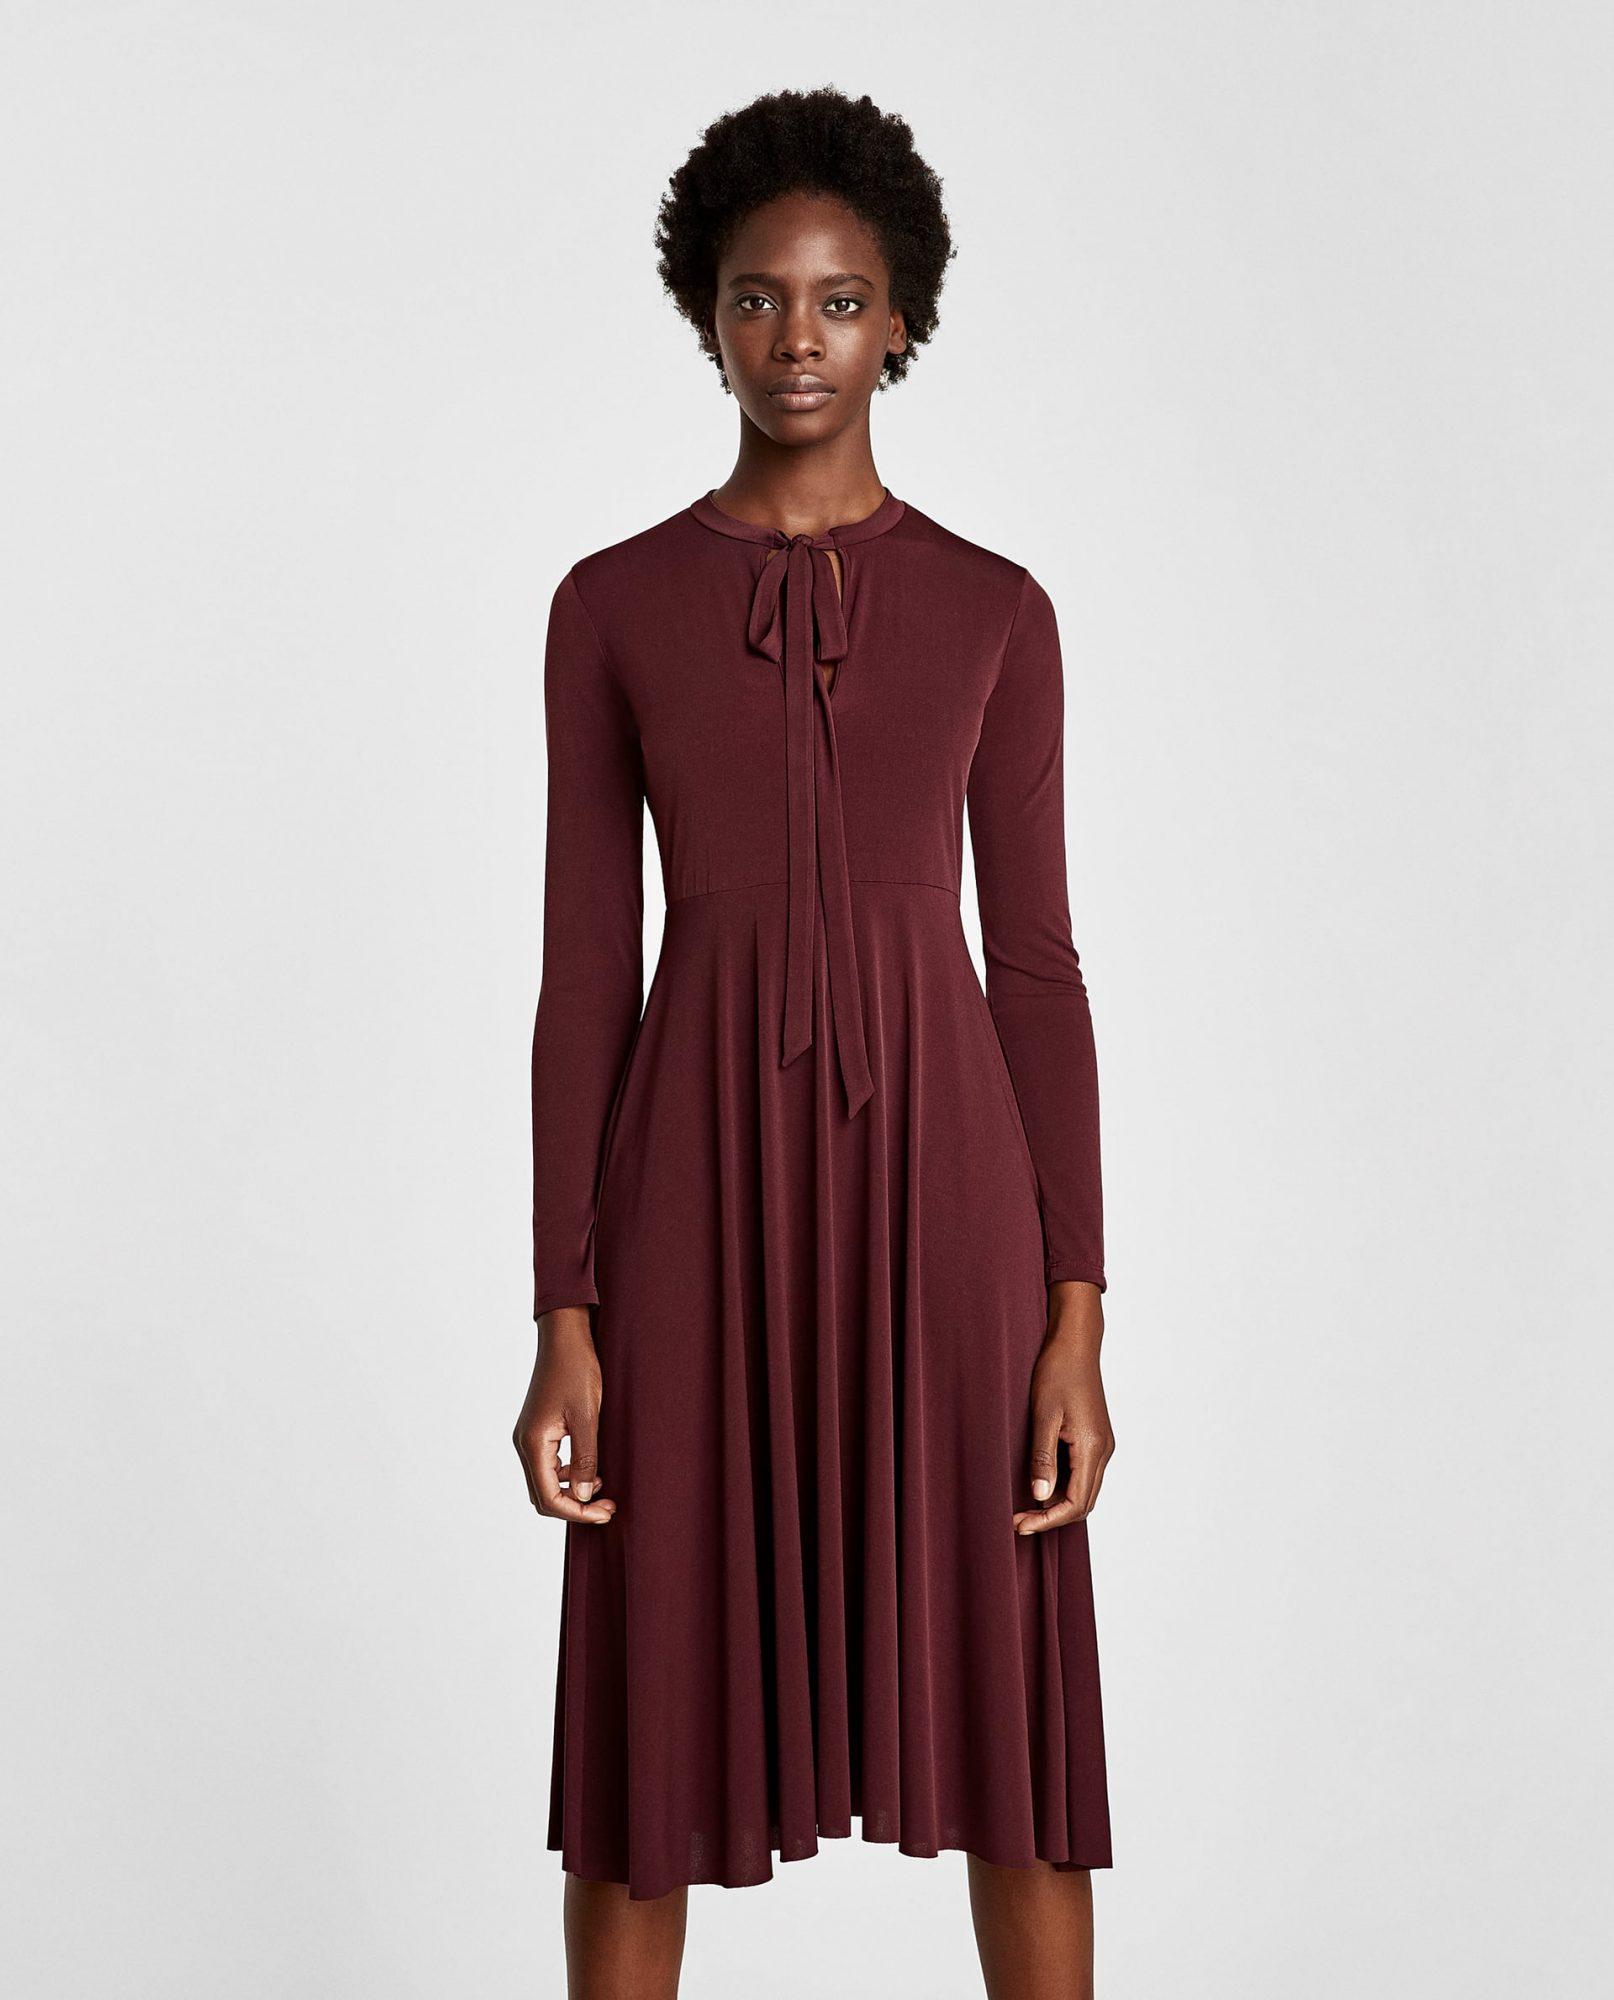 zara-bow-dress.jpg